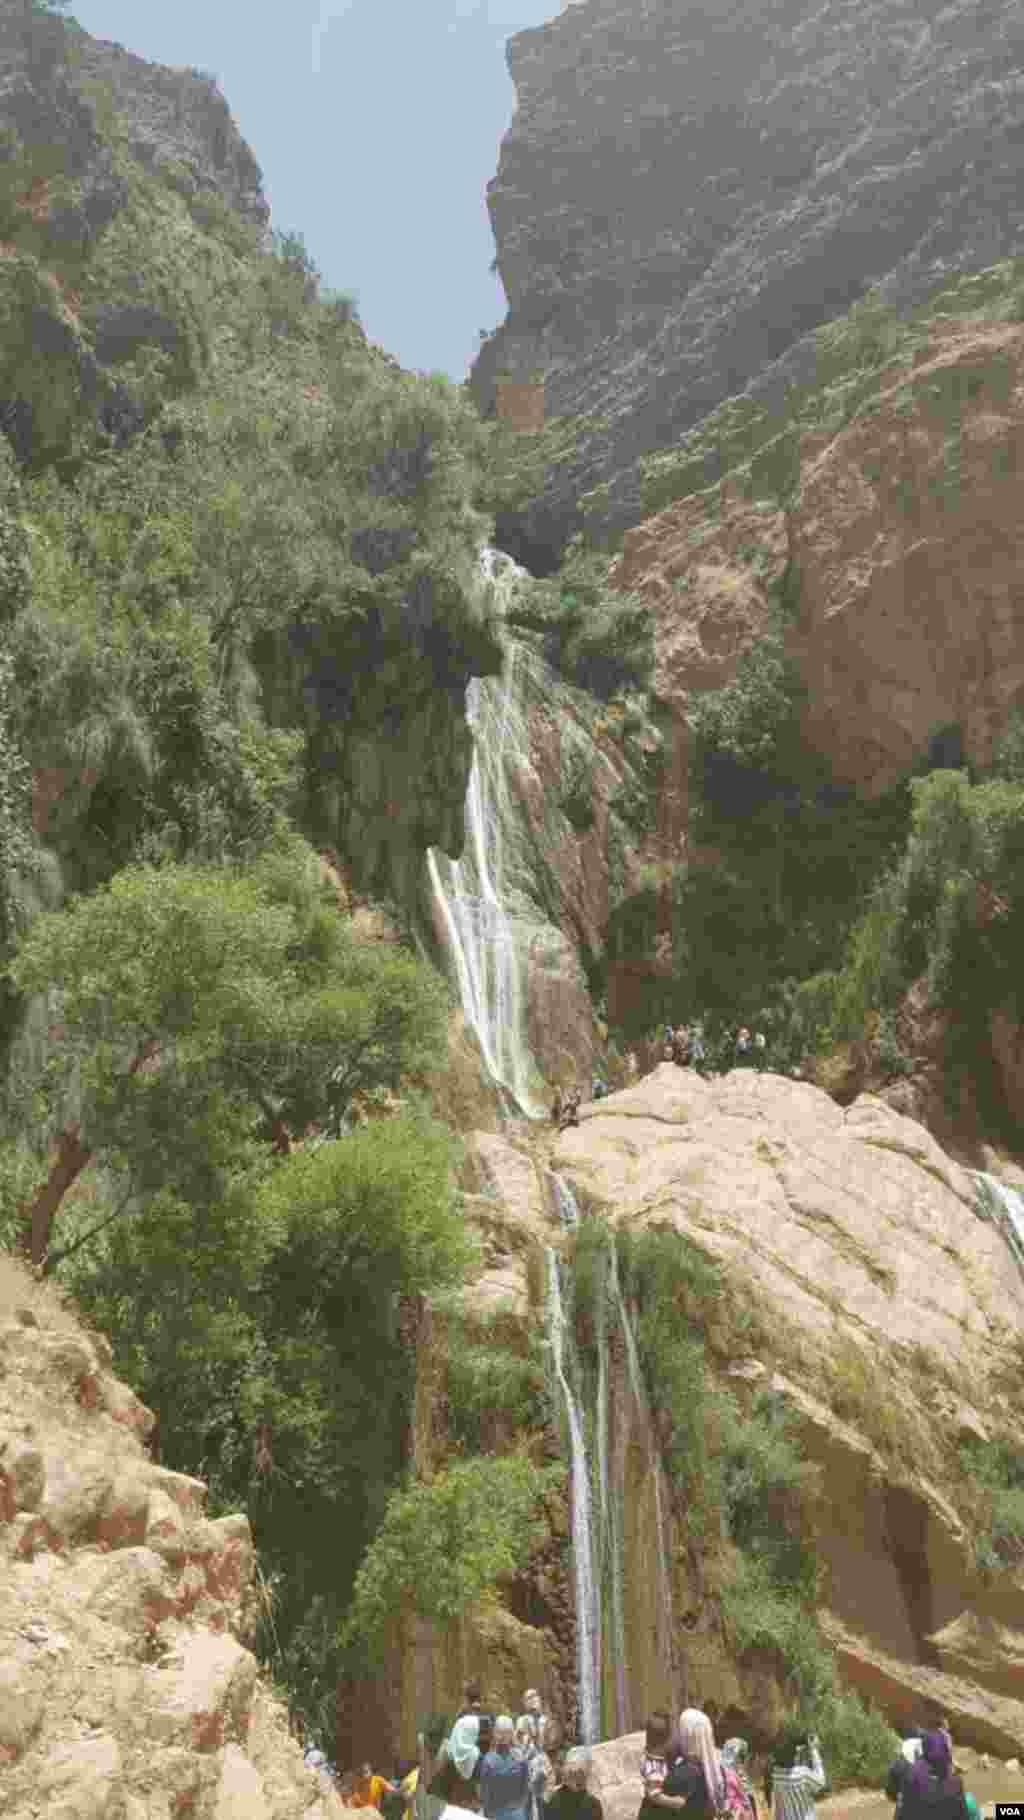 آبشار نوژیان ۴۵ کیلومتری خرم آباد لرستان عکس: بهرام (ارسالی از شما)